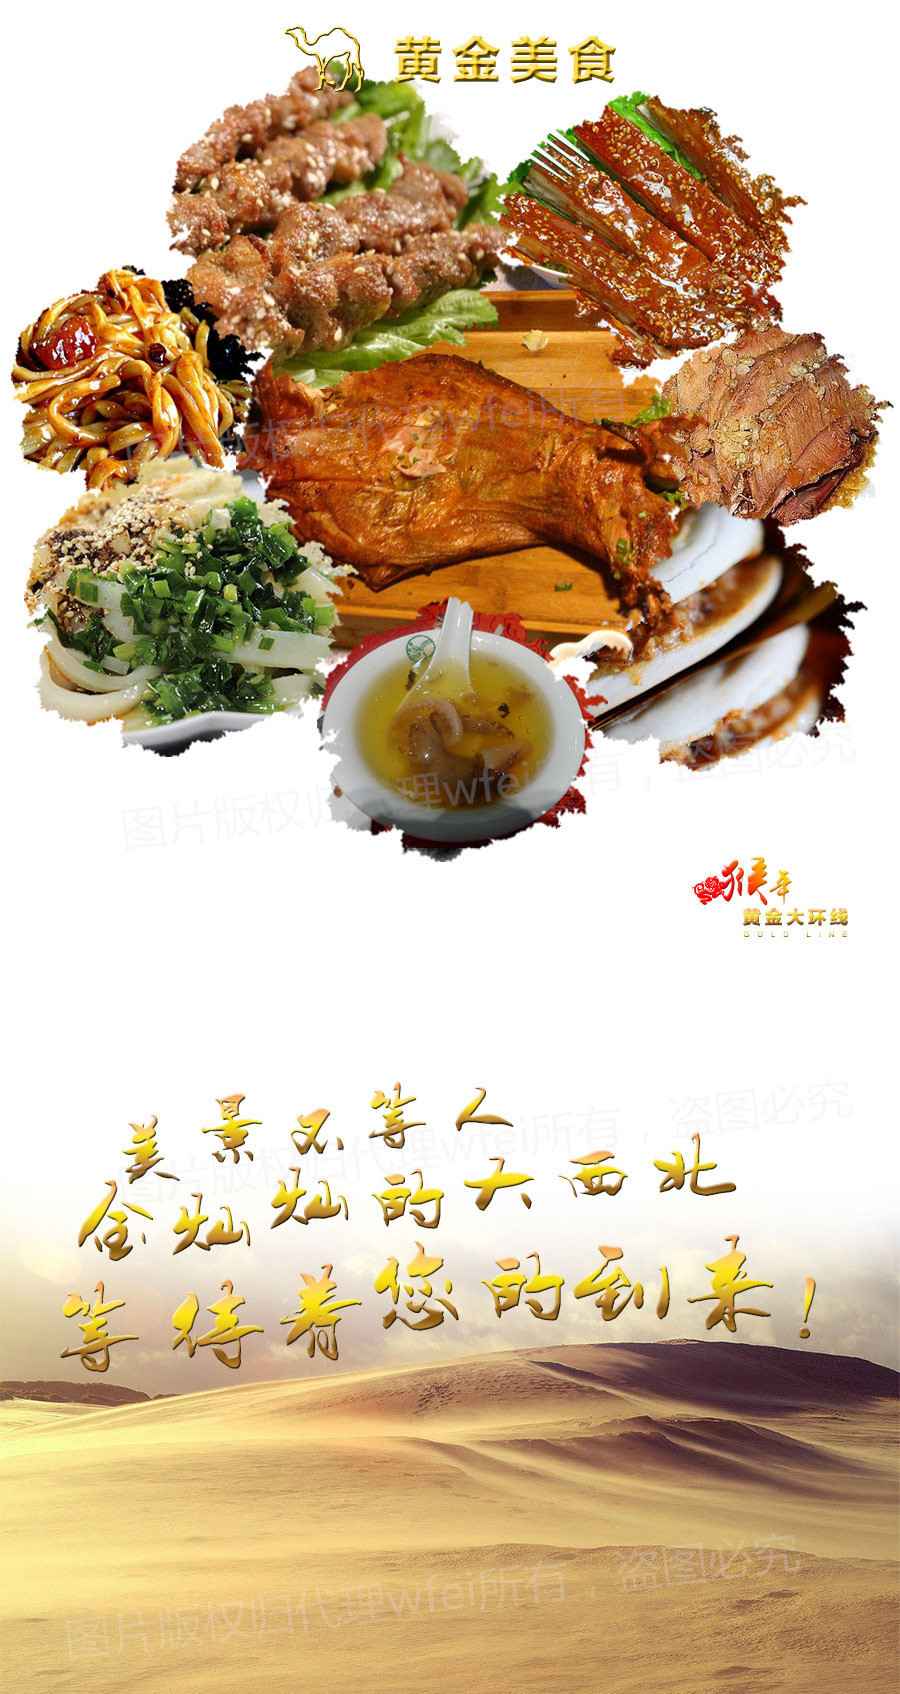 美食之旅·青海西宁+塔尔寺+青海湖+德令哈+敦煌++9